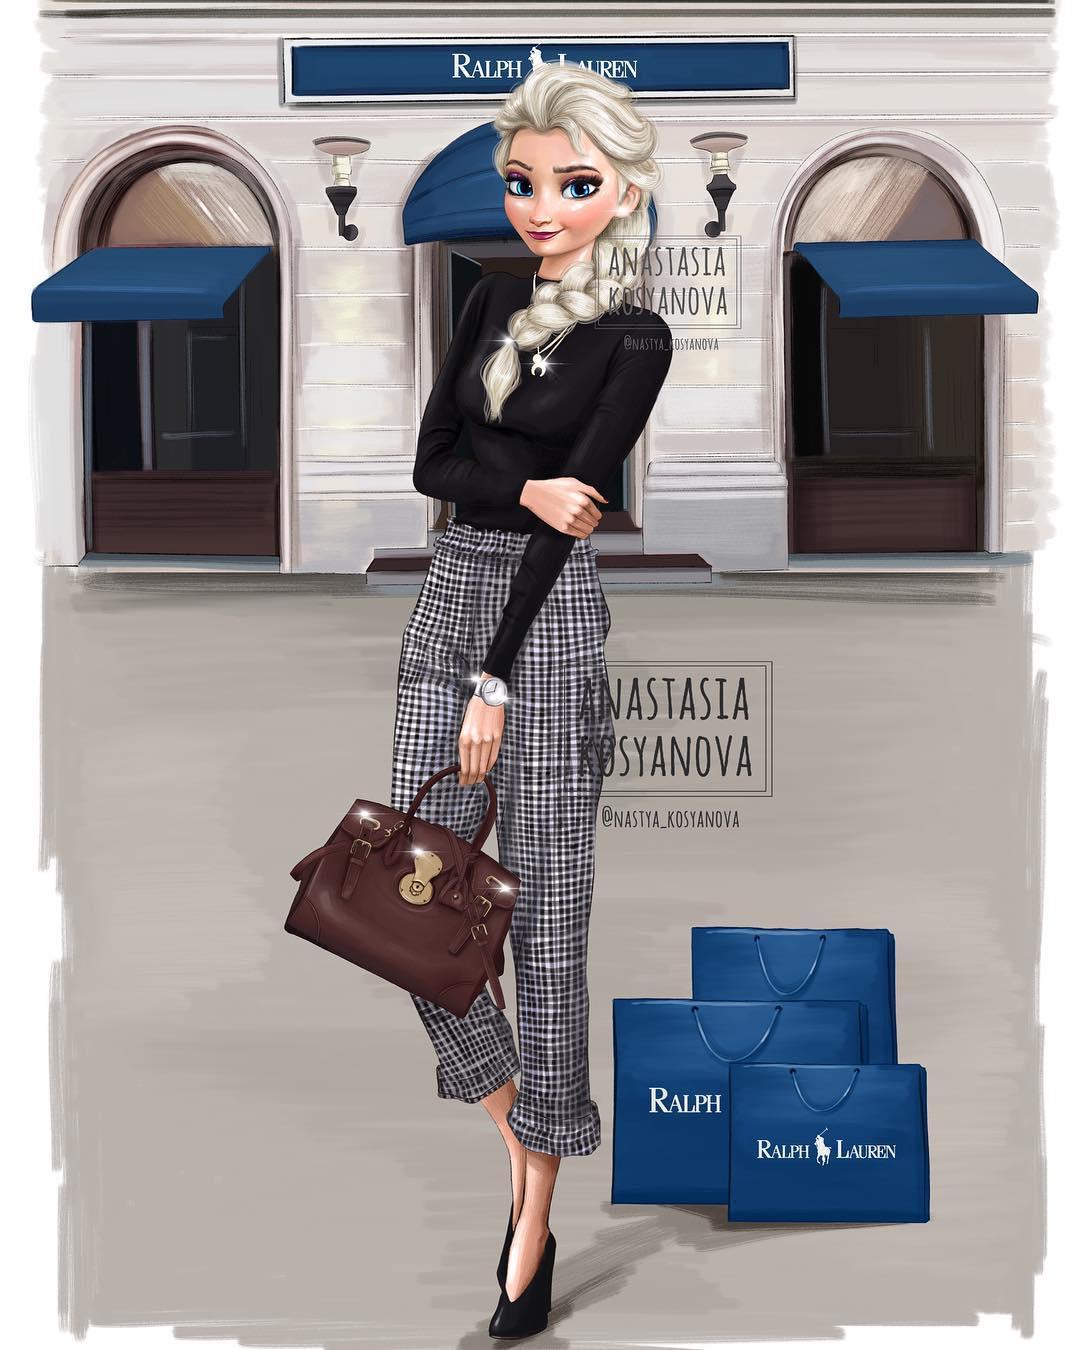 26張「顛覆你對迪士尼公主清純的想像」 穿上奢侈精品後...灰姑娘變超討厭小婊子XD